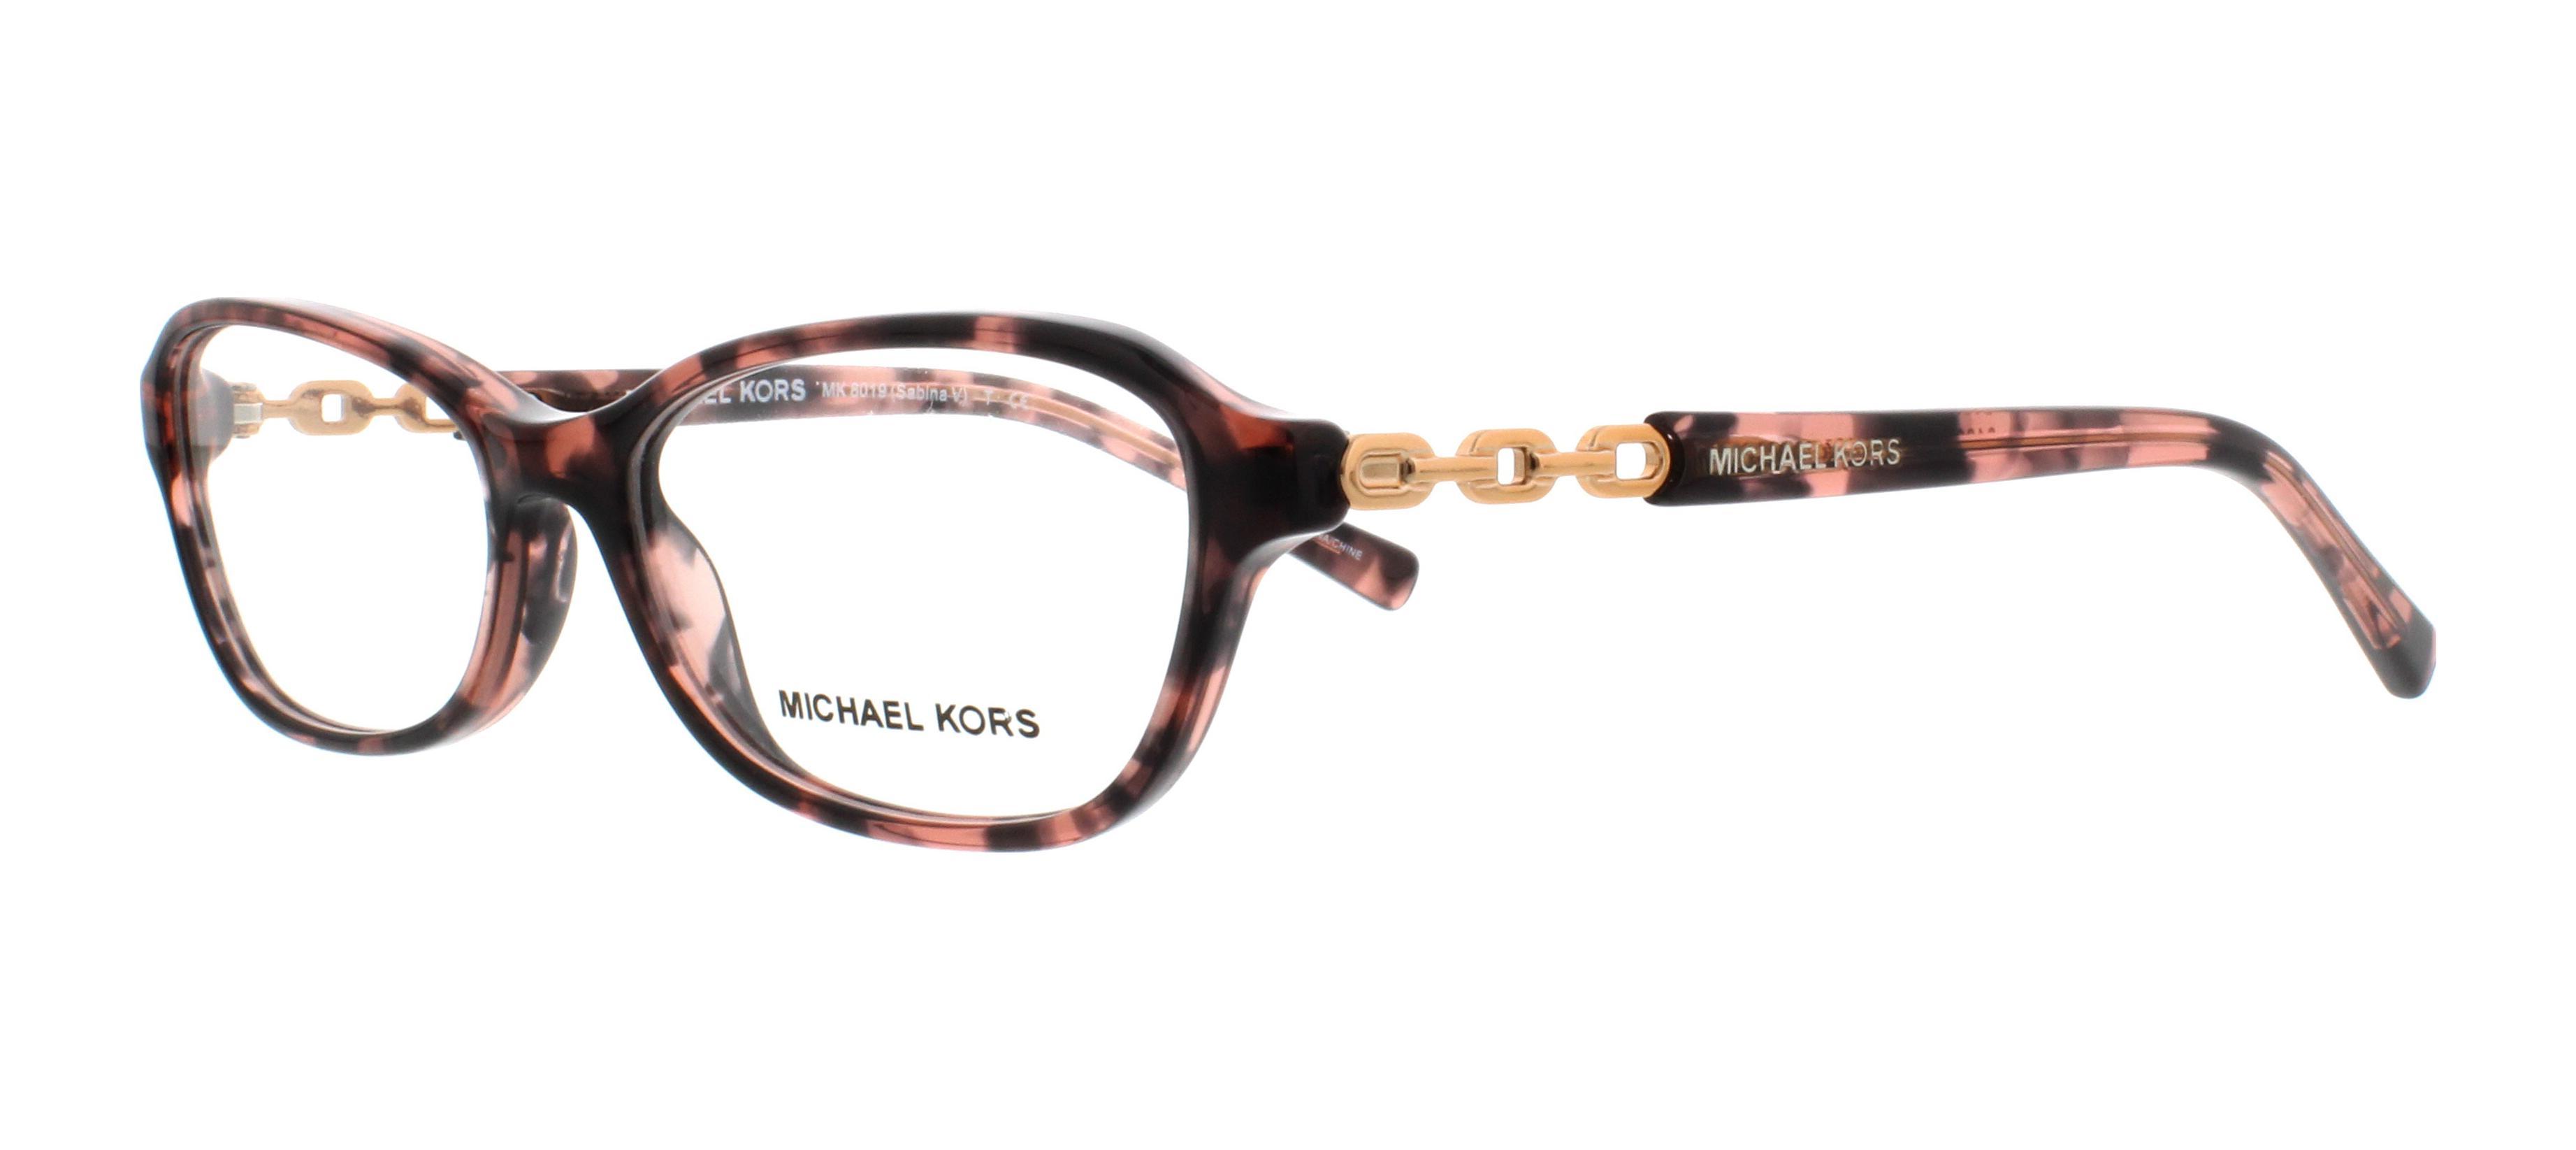 3108 pink tortoiserose gold - Michael Kors Eyeglasses Frames